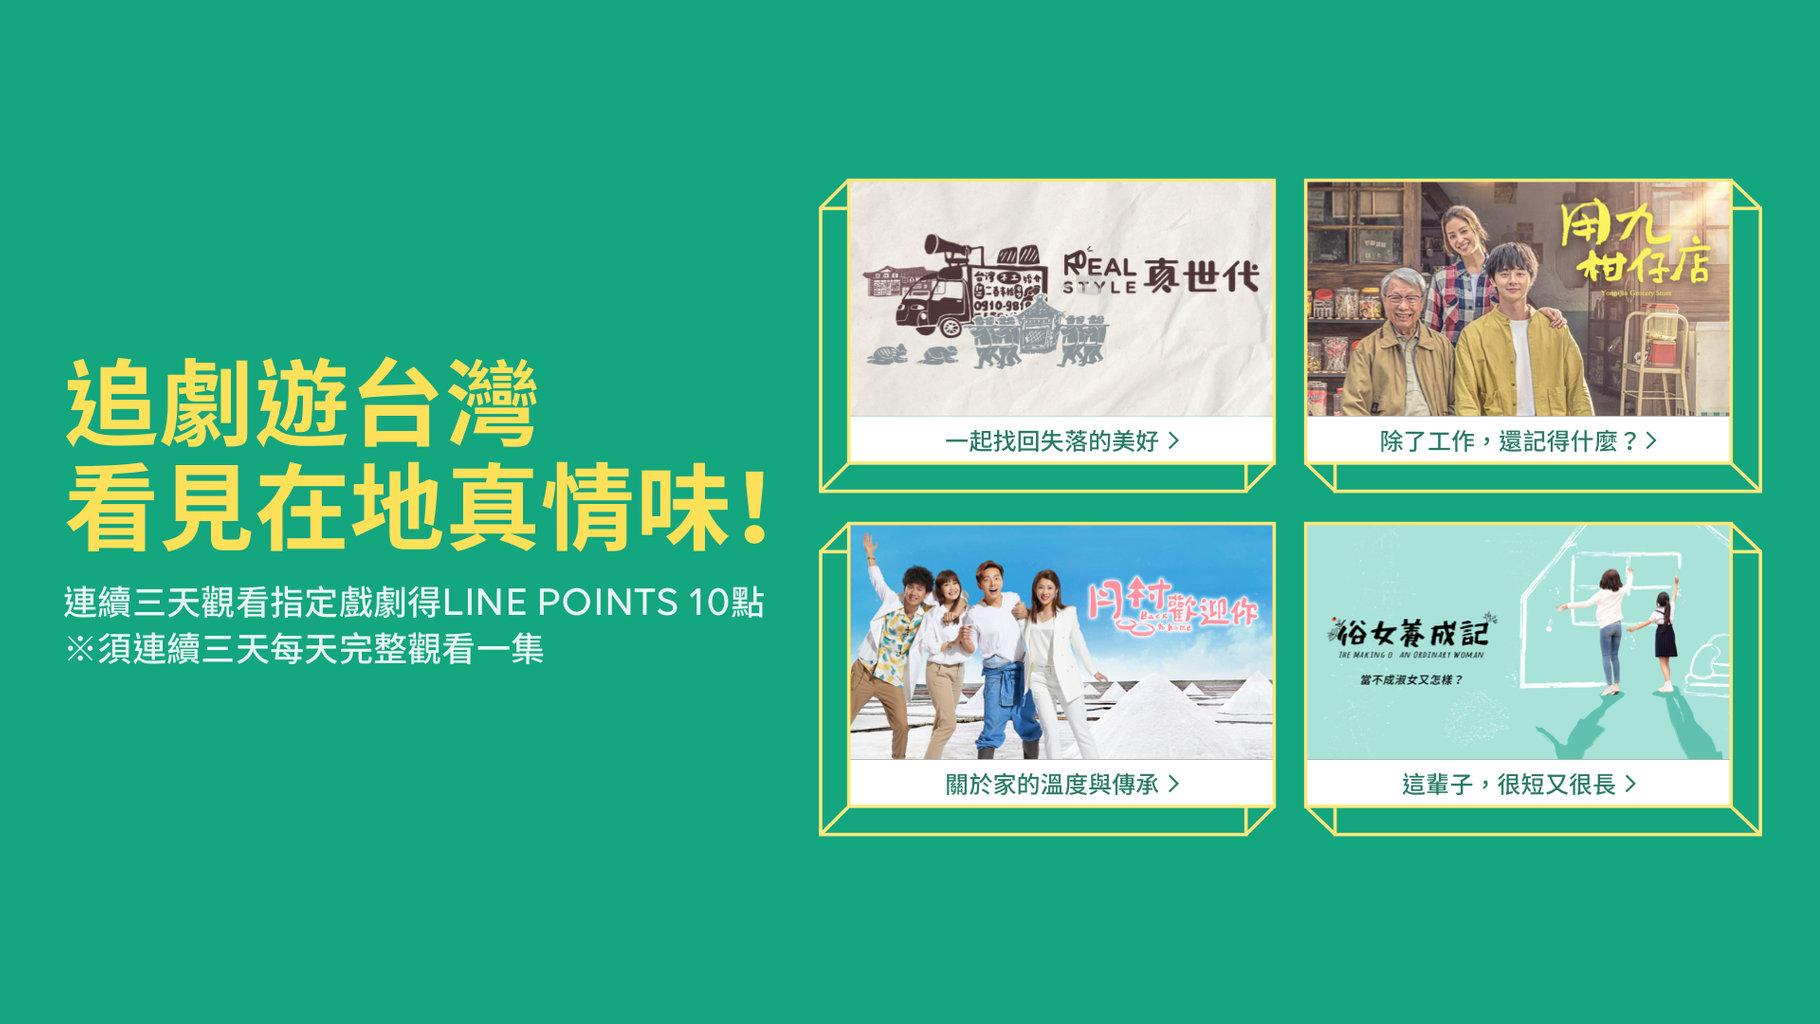 【追劇贈點】LINE TV 與你一起追劇遊台灣,看見在地真情味!